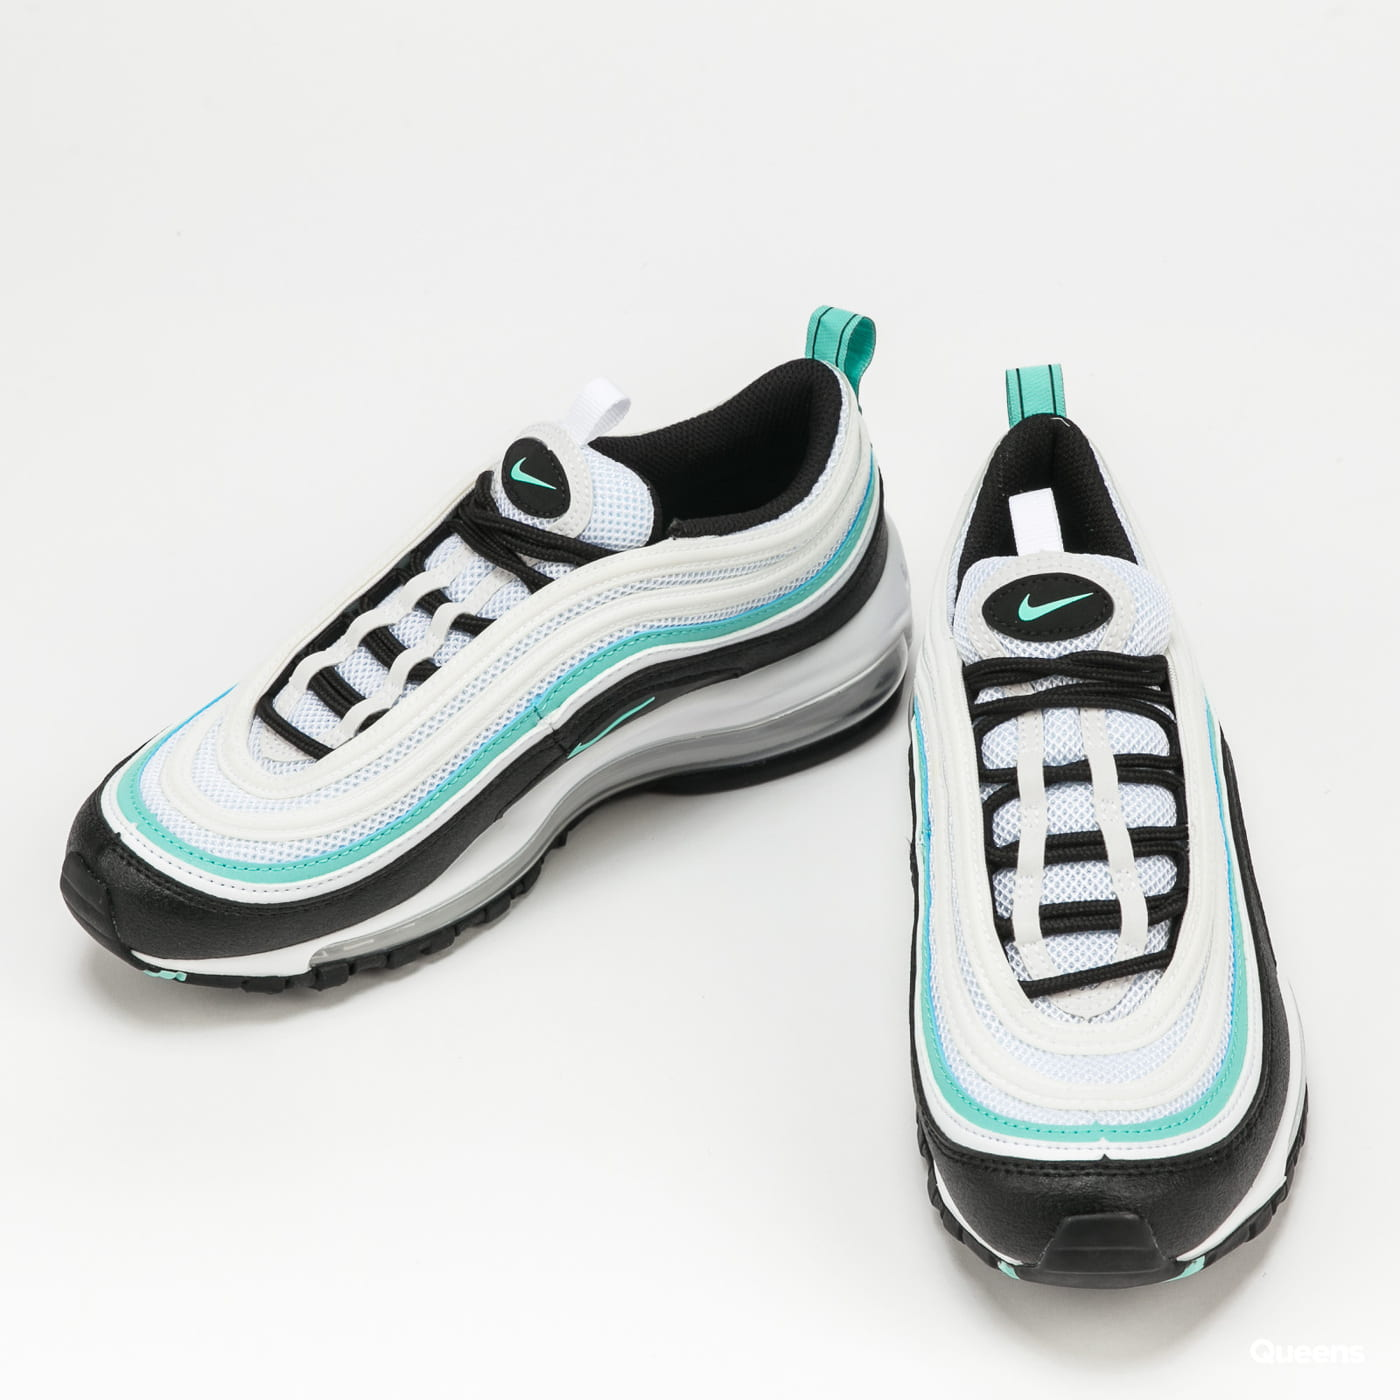 Nike Air Max 97 GS white / tropical twist - black